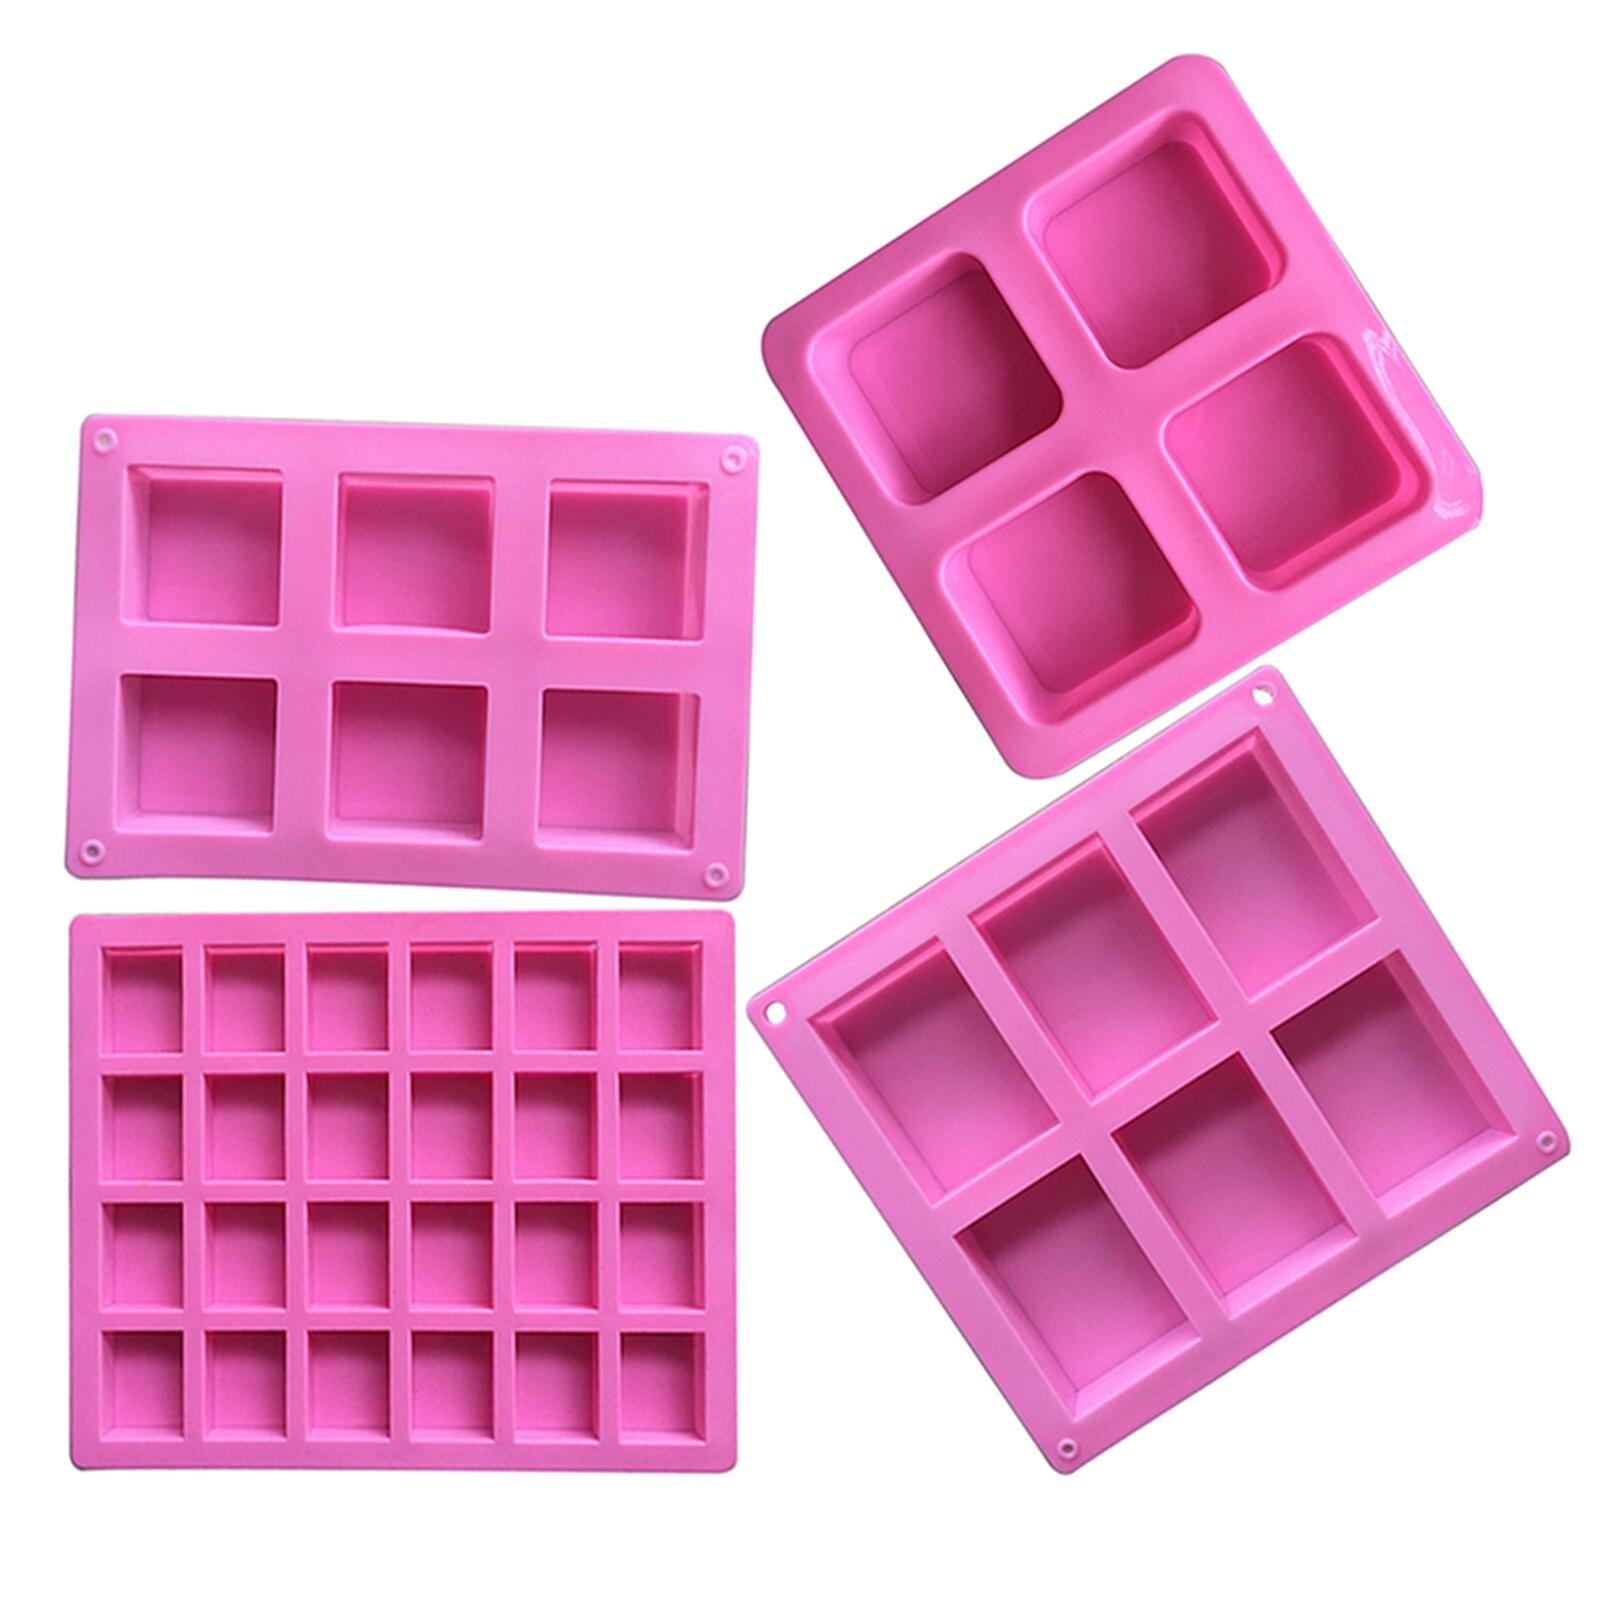 5 forma nova qualidade molde de silicone cubo de gelo doces bolo de chocolate biscoito cupcake sabão quadrado molde cozimento acessórios da cozinha